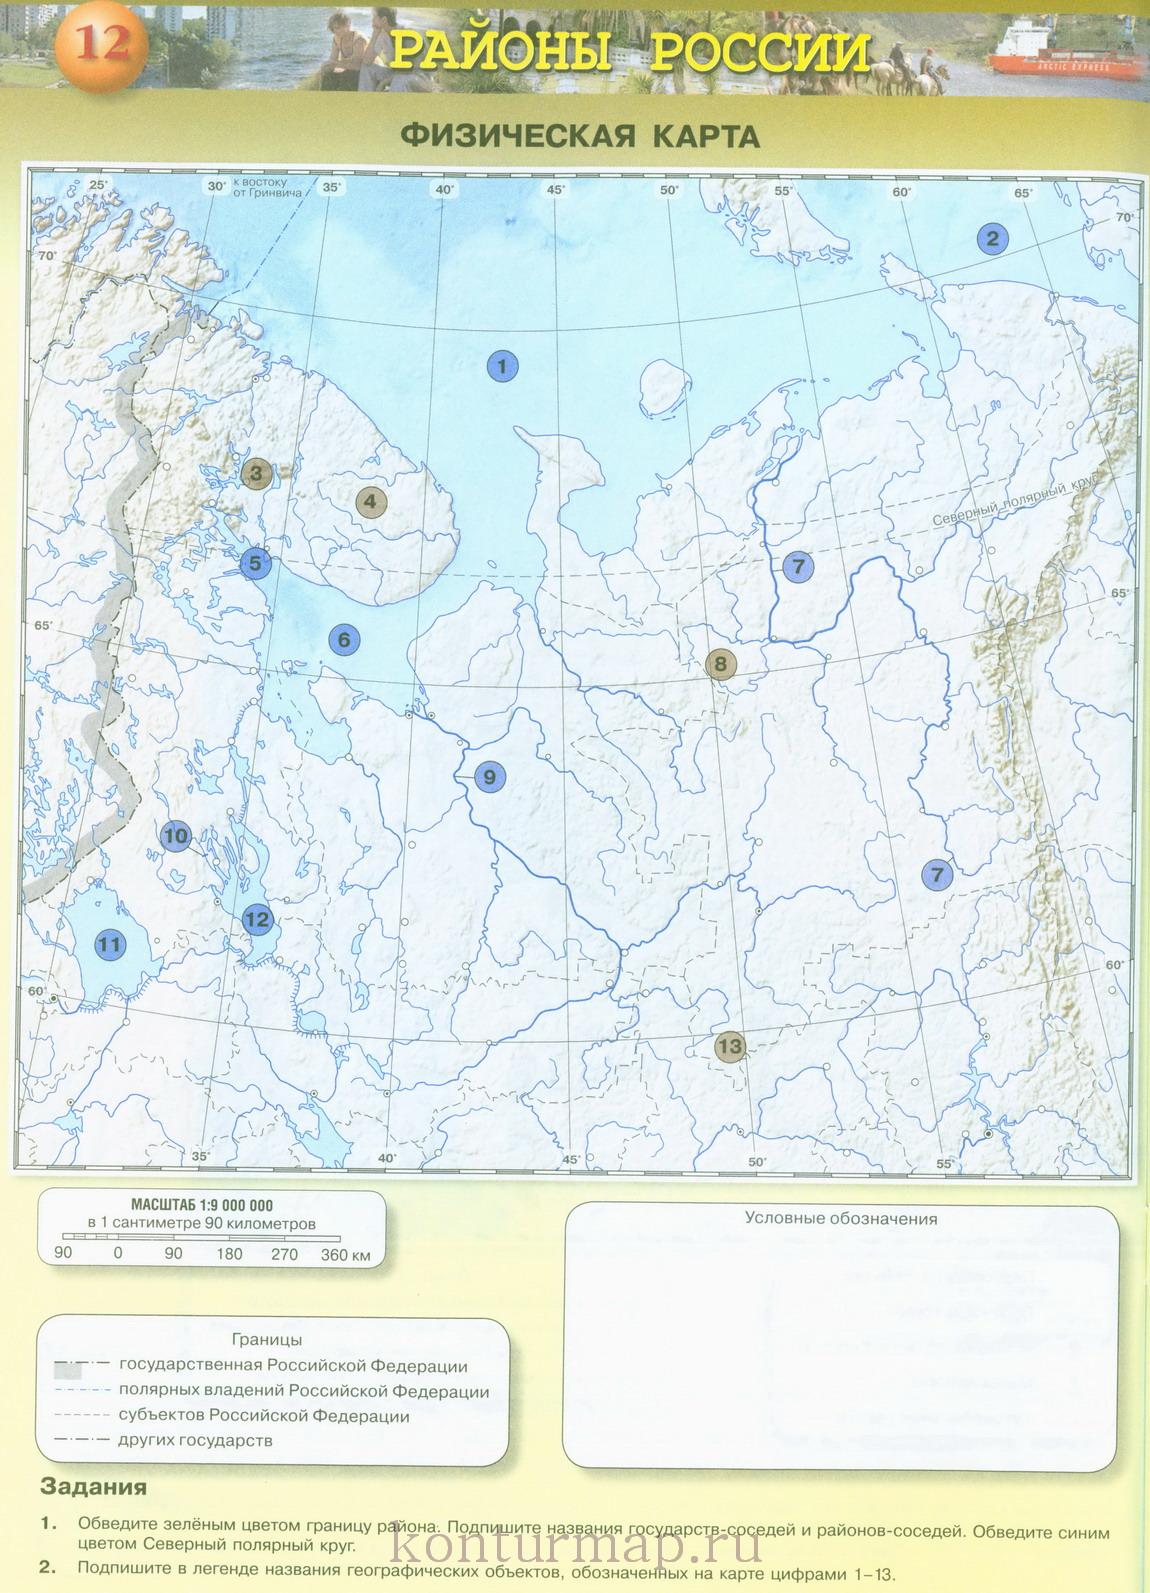 Гдз по географии 9 класс контурные карты просвещение